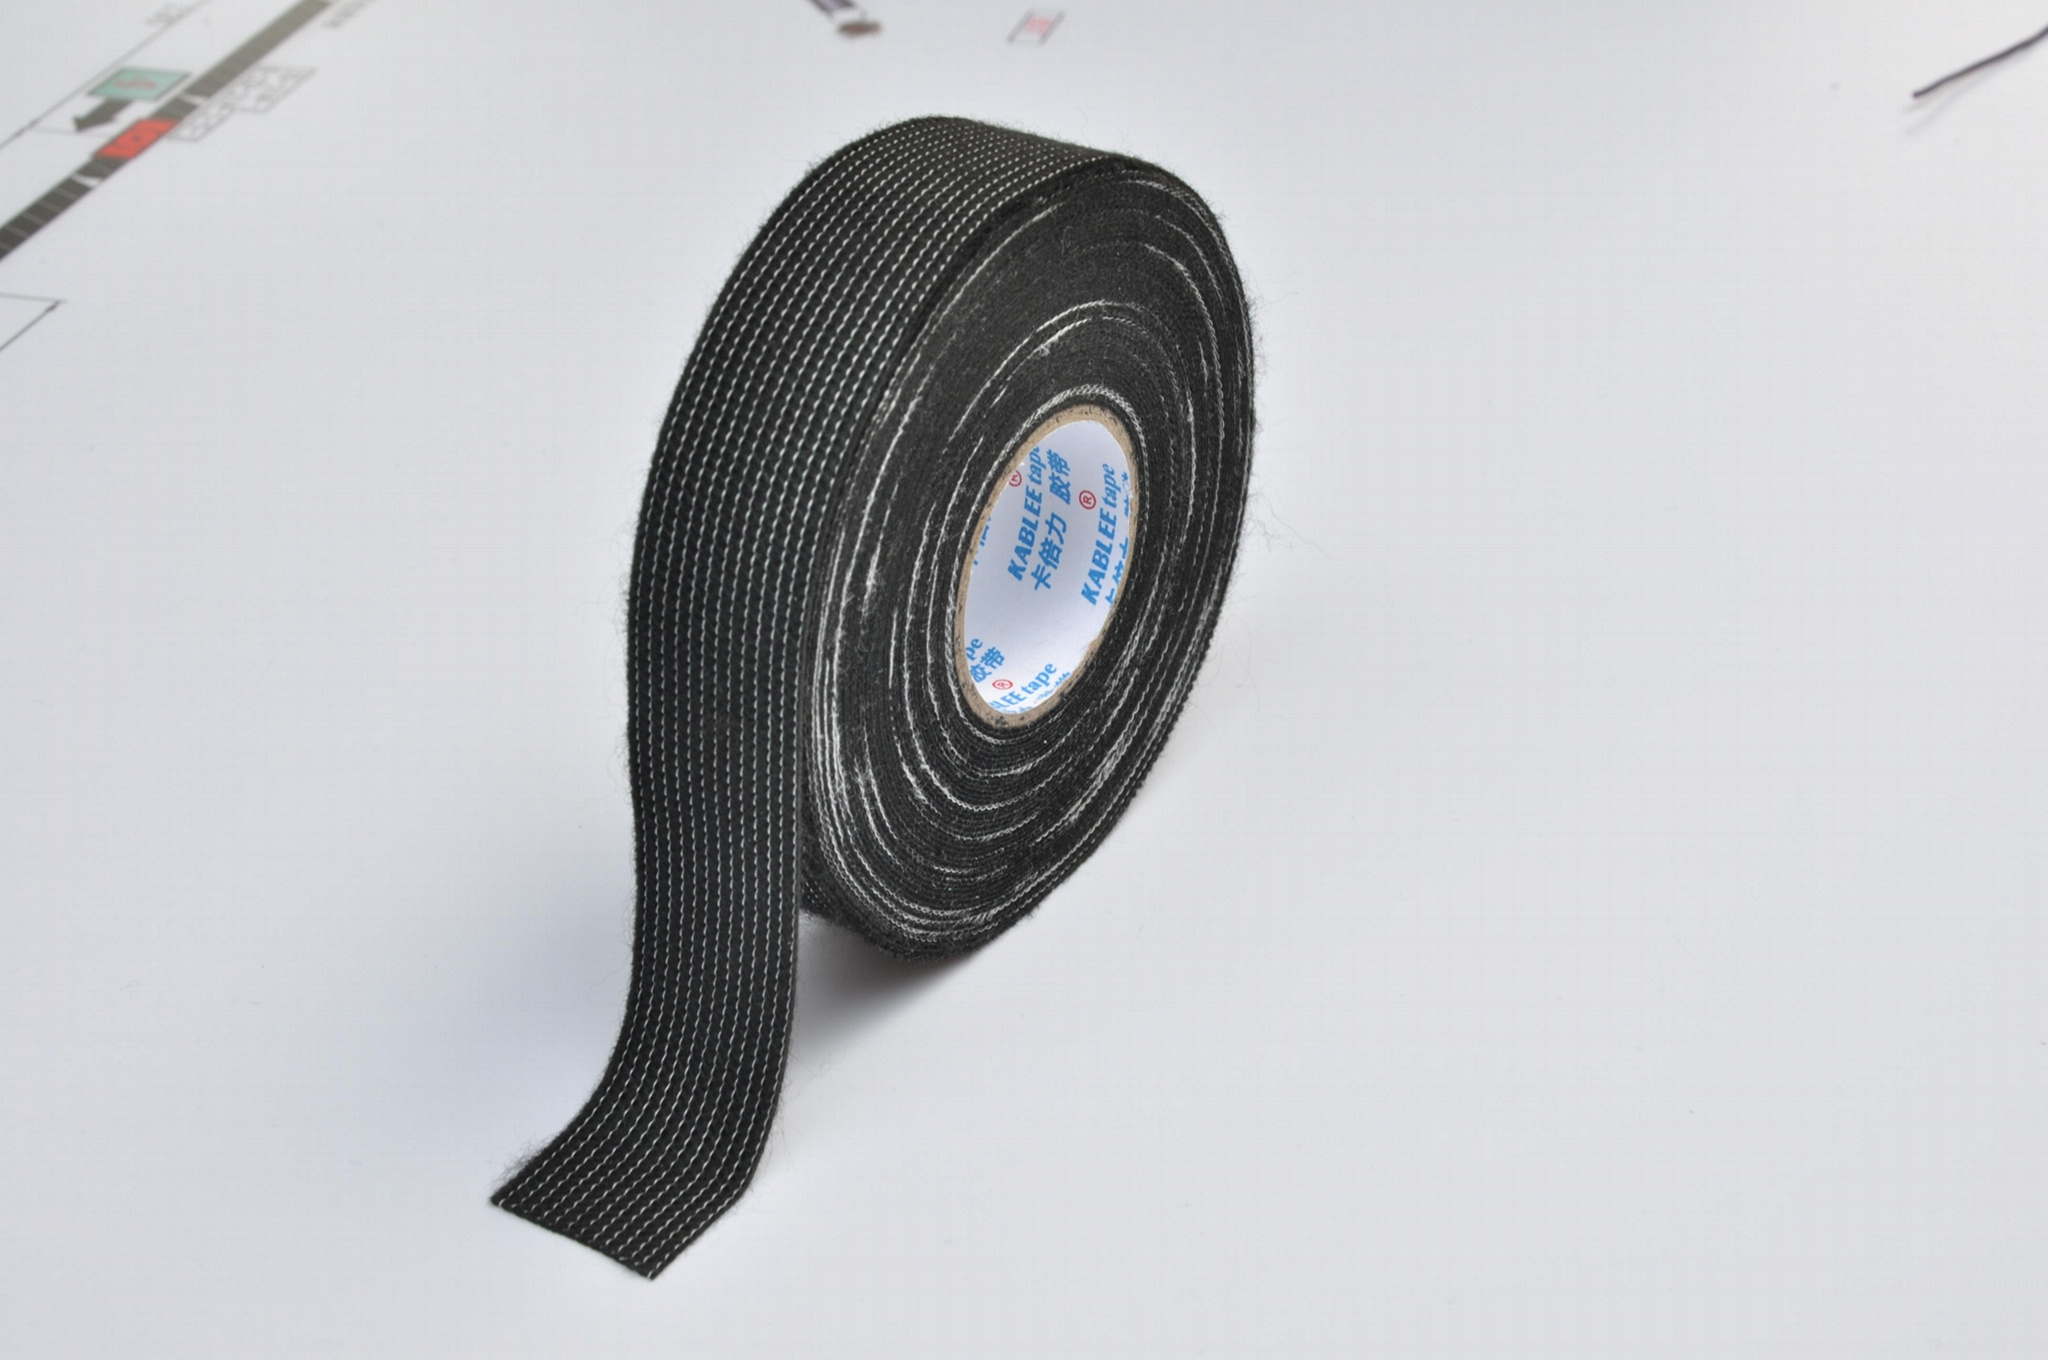 駕駛艙線束膠帶可手撕的厚絨膠帶 1